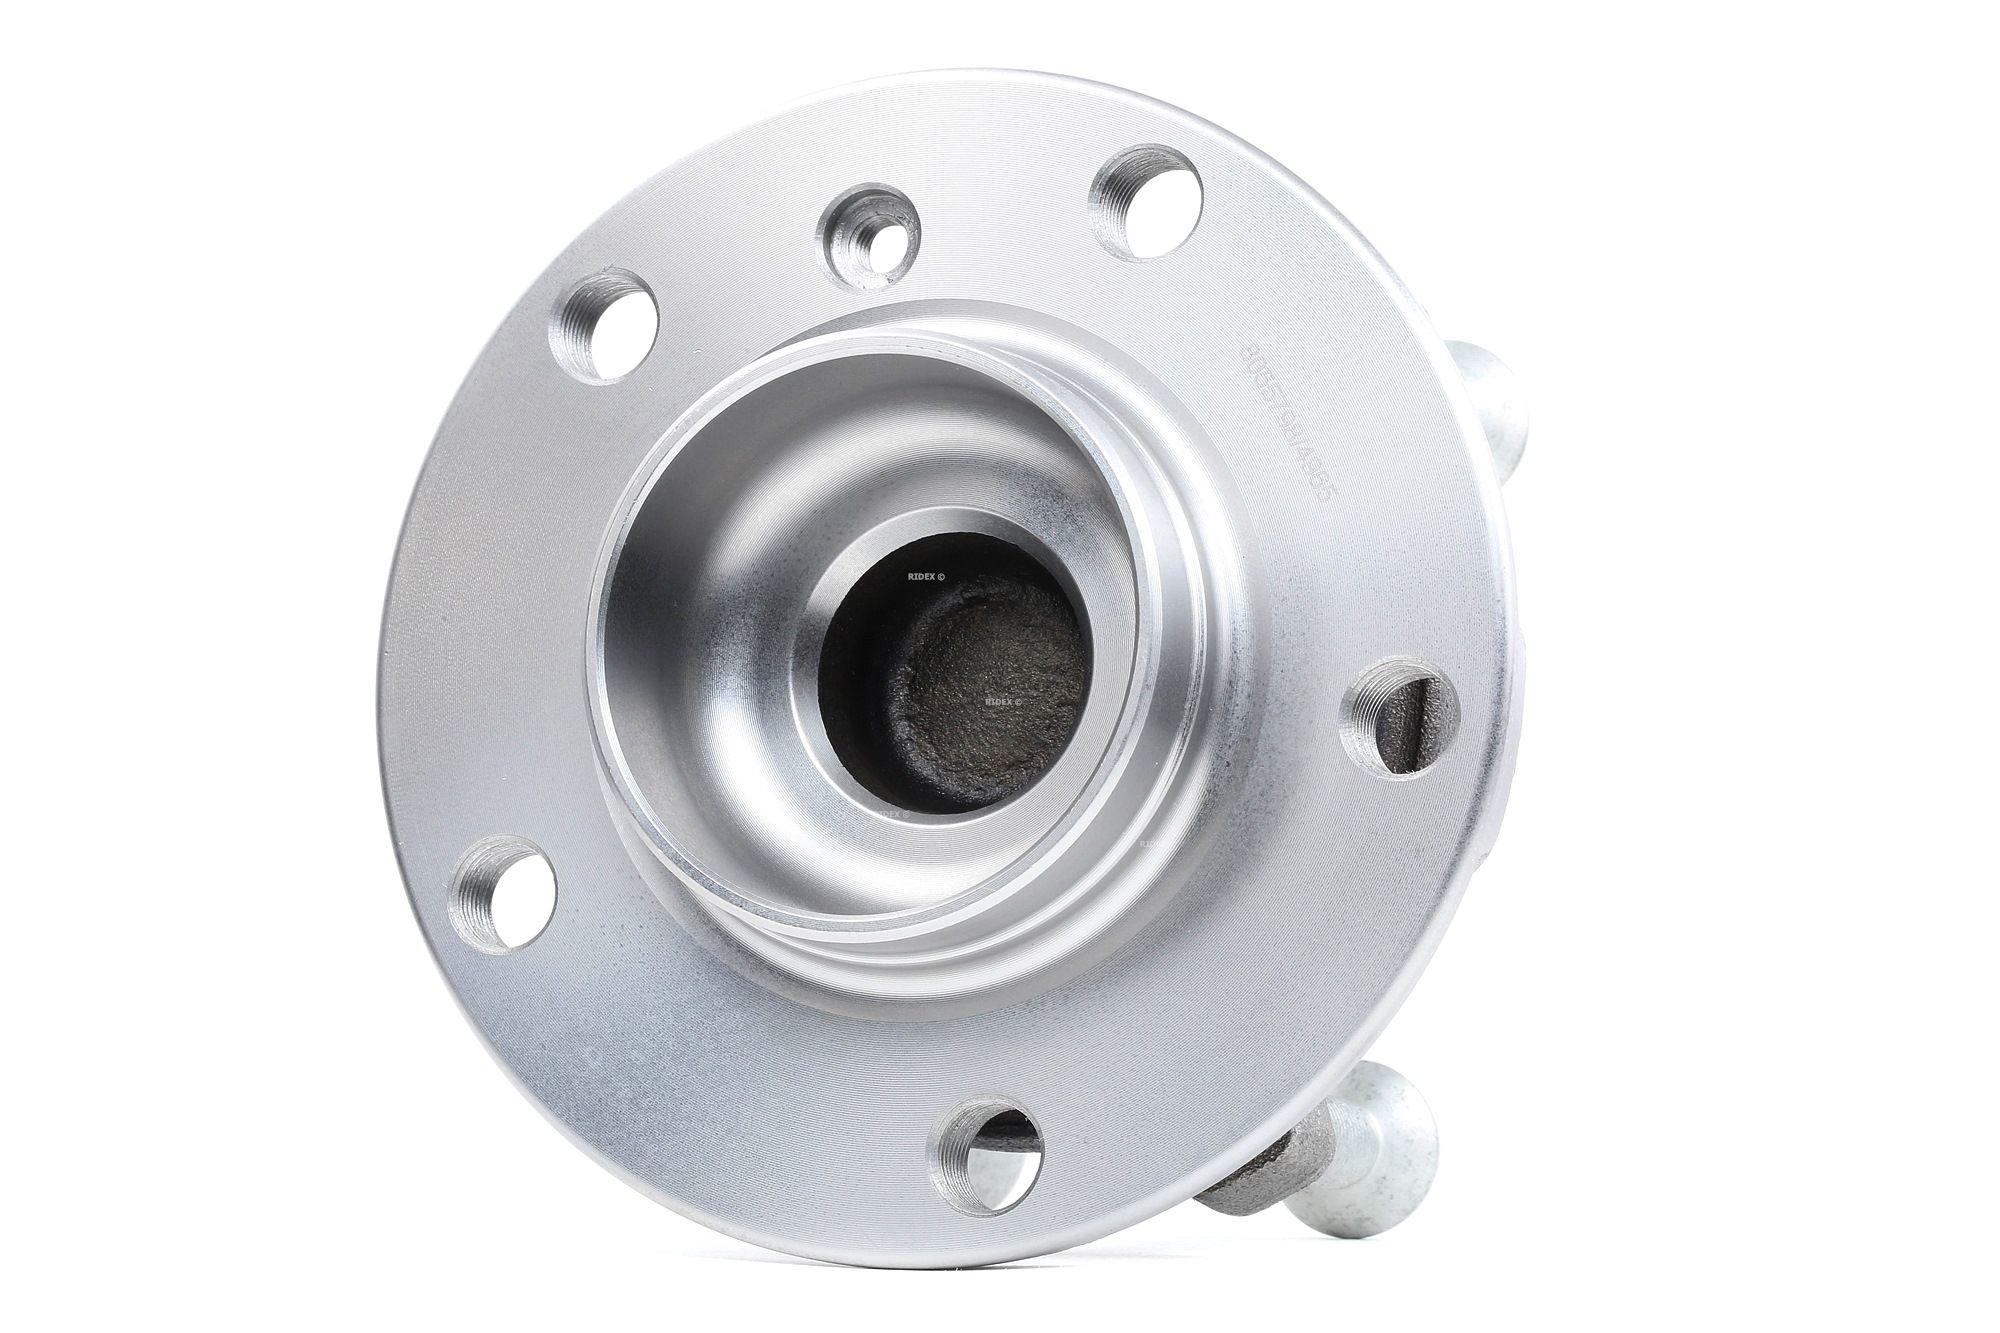 Radlager & Radlagersatz RIDEX 654W0584 Bewertung